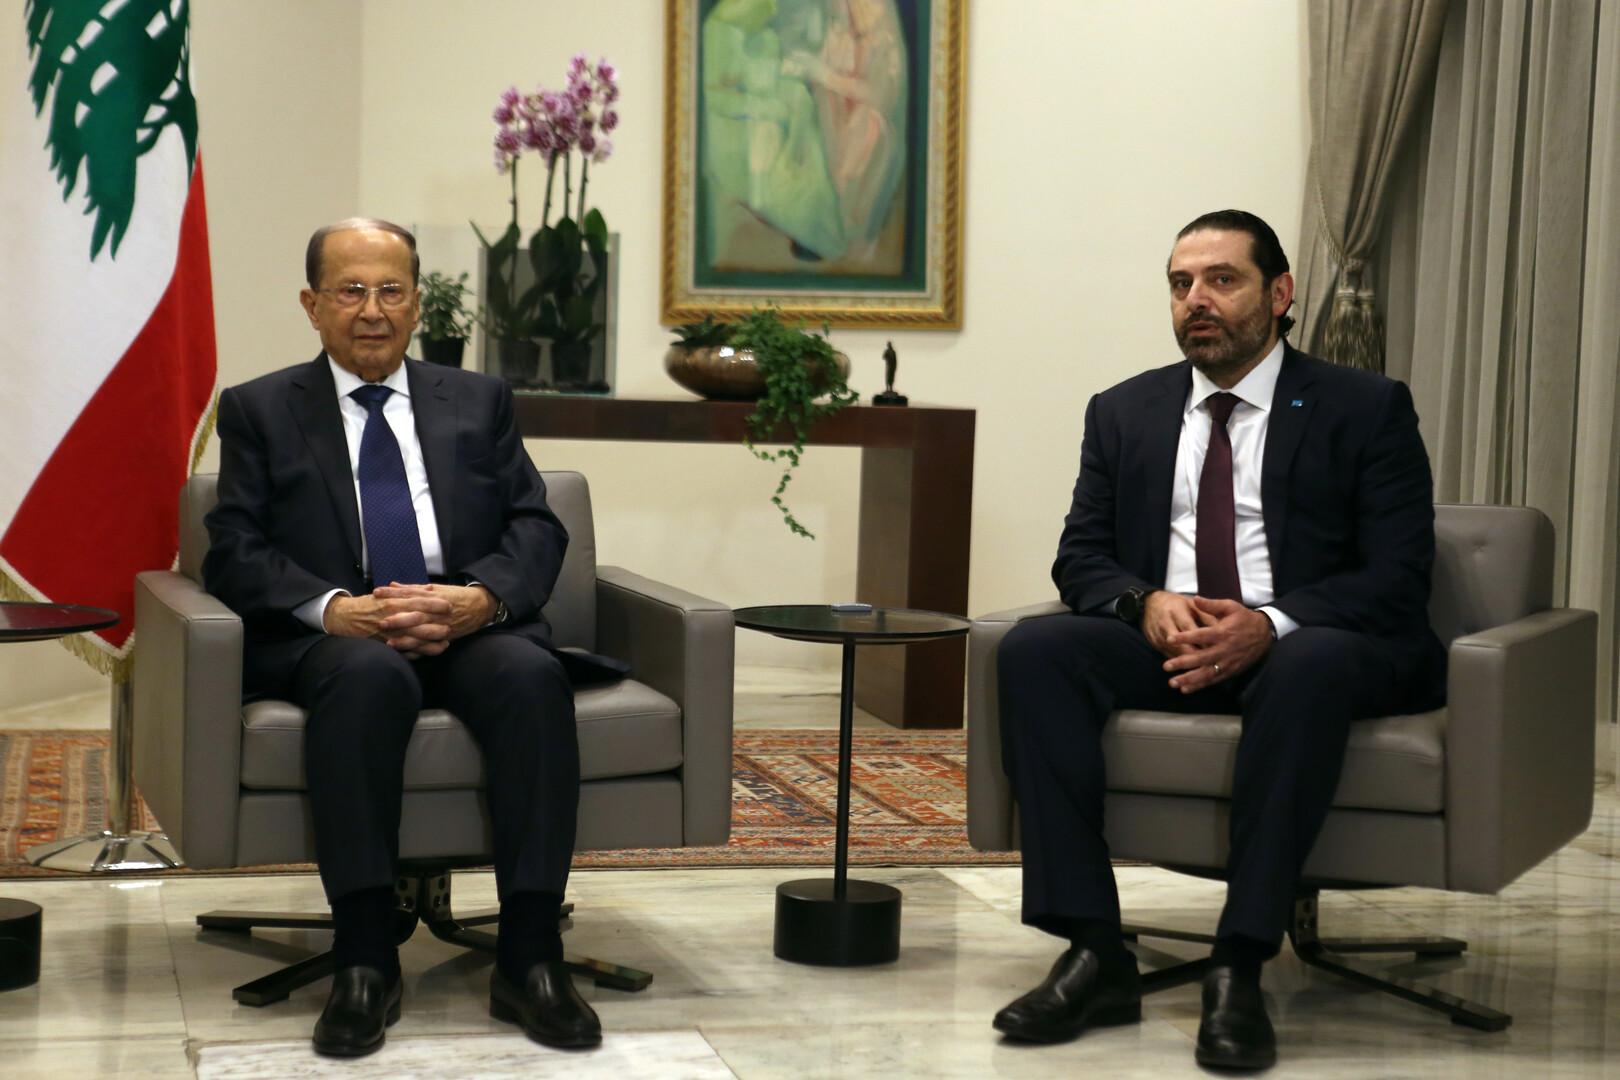 رئيس الجمهورية اللبنانية ميشال عون ورئيس الحكومة سعد الحريري